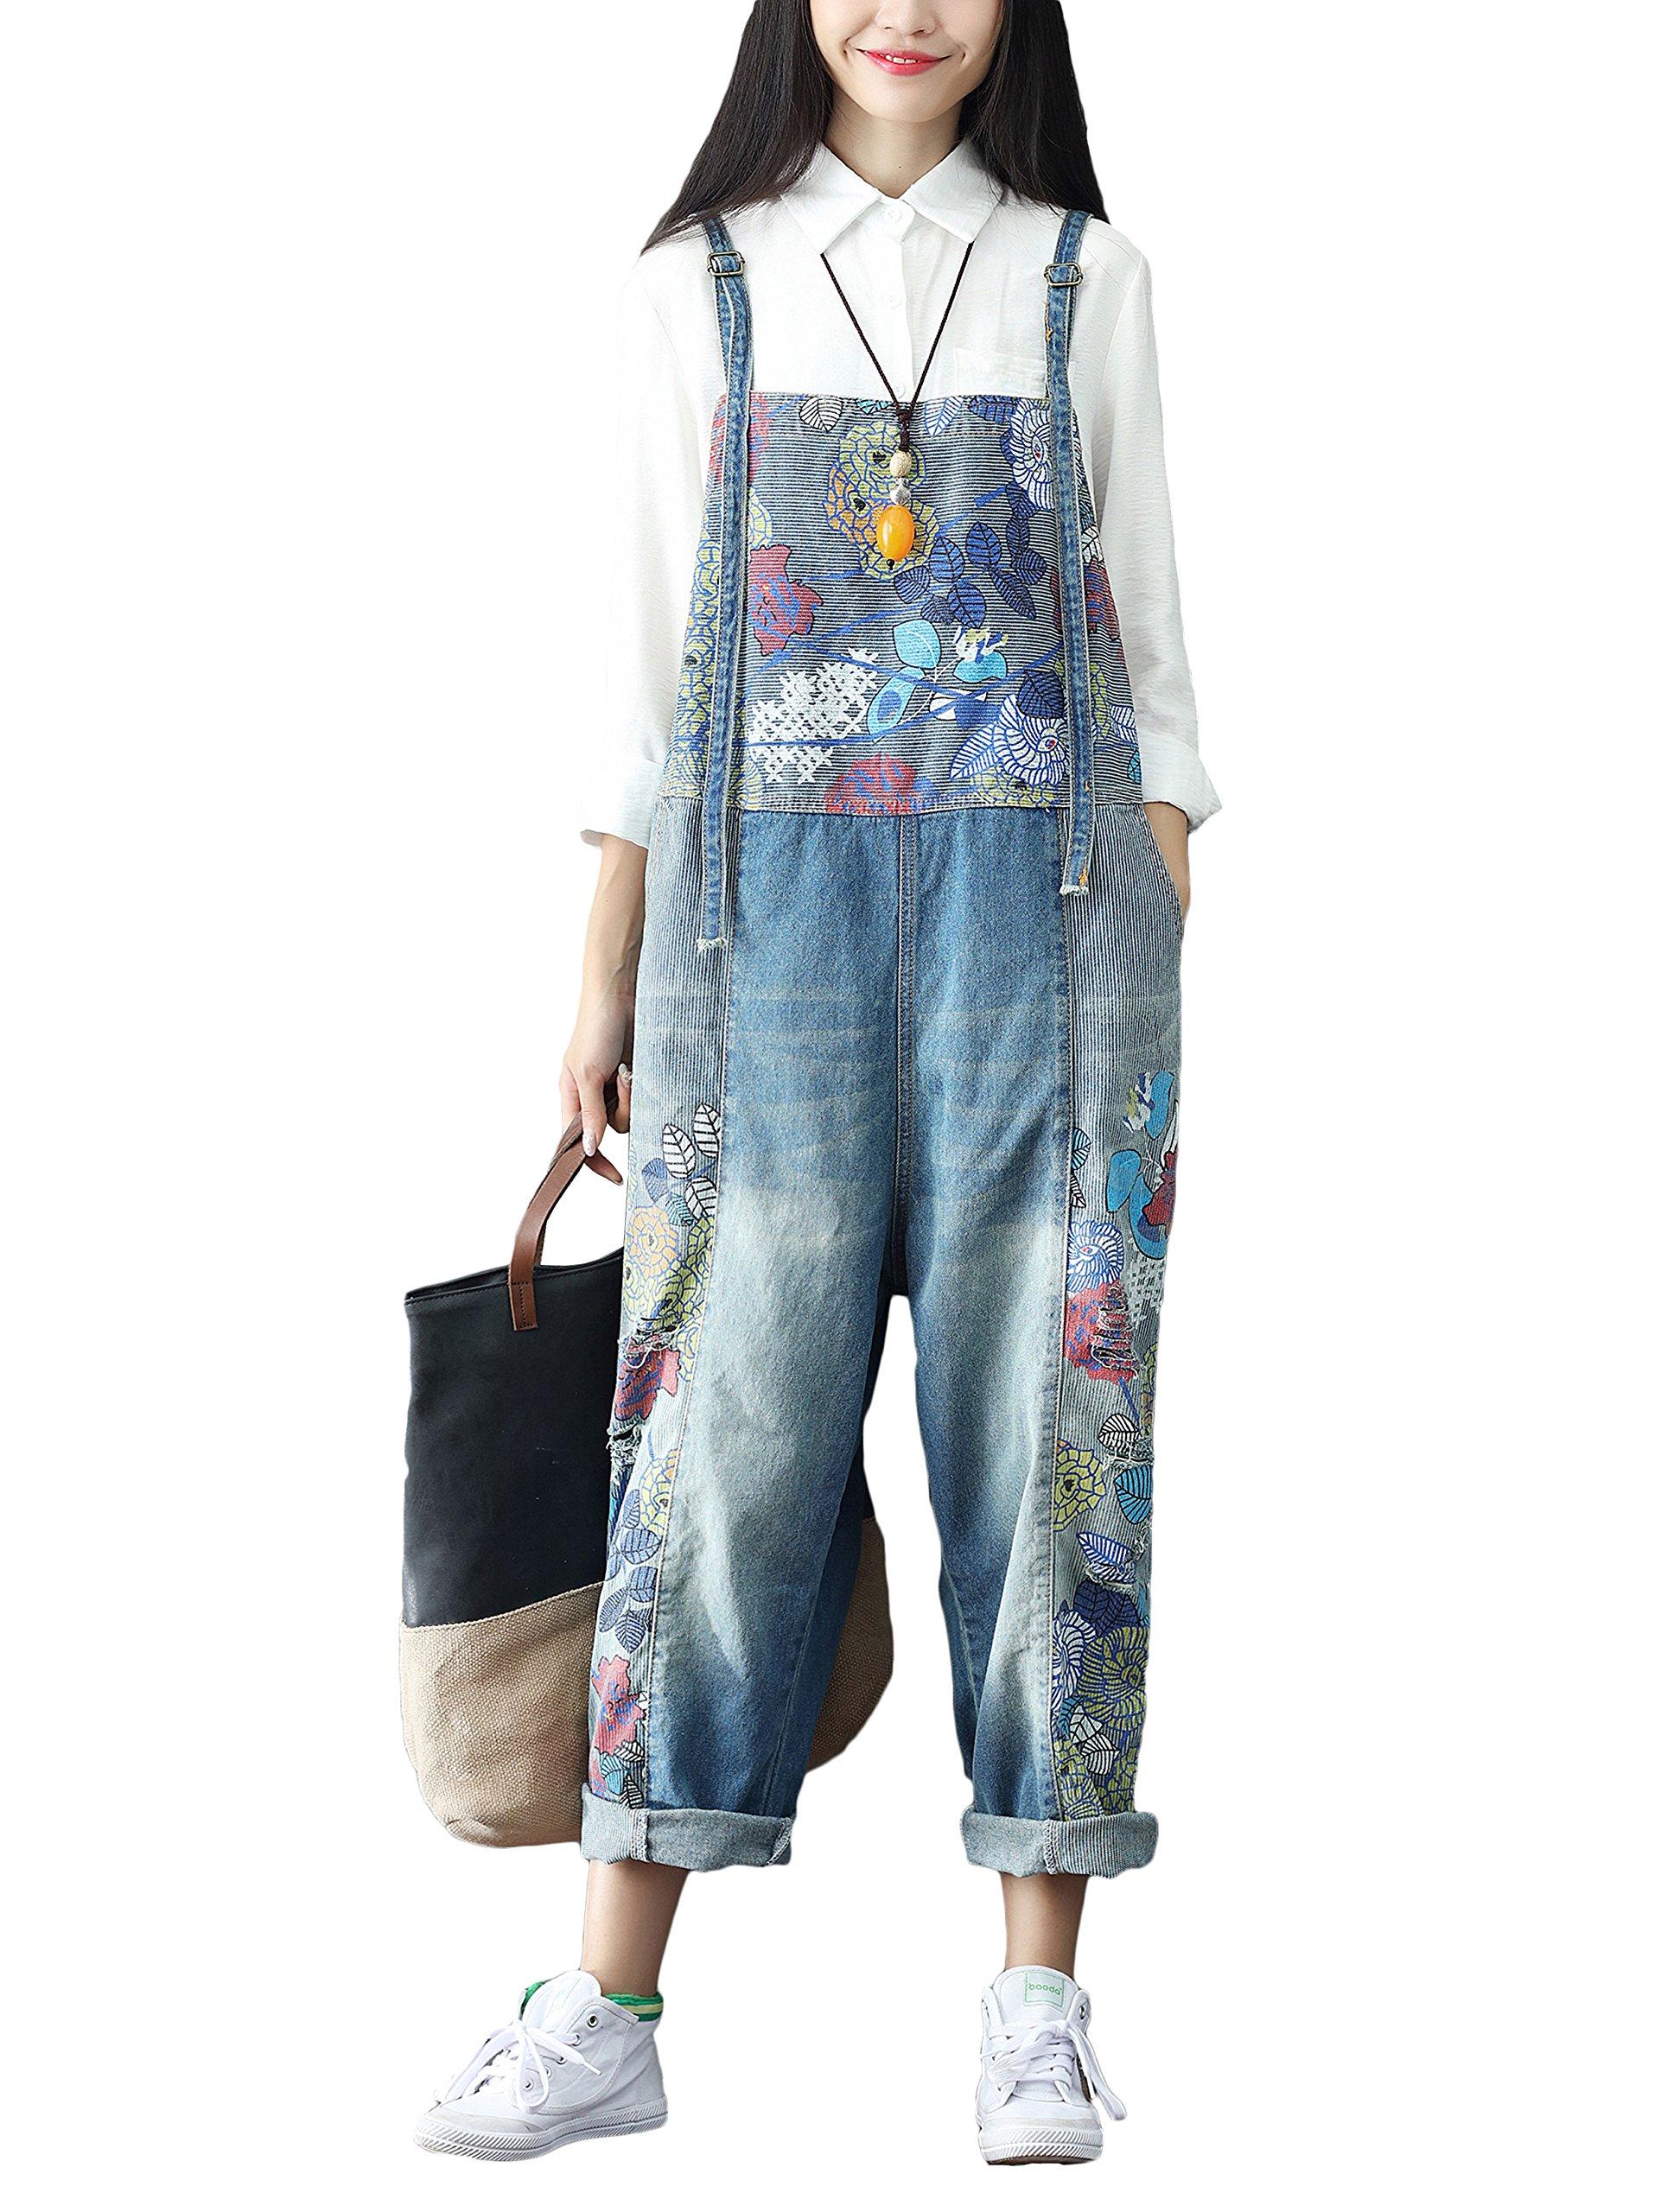 Soojun Women's Fashion Printed Drop Crotch Denim Bib Jumpsuits, 1 Blue